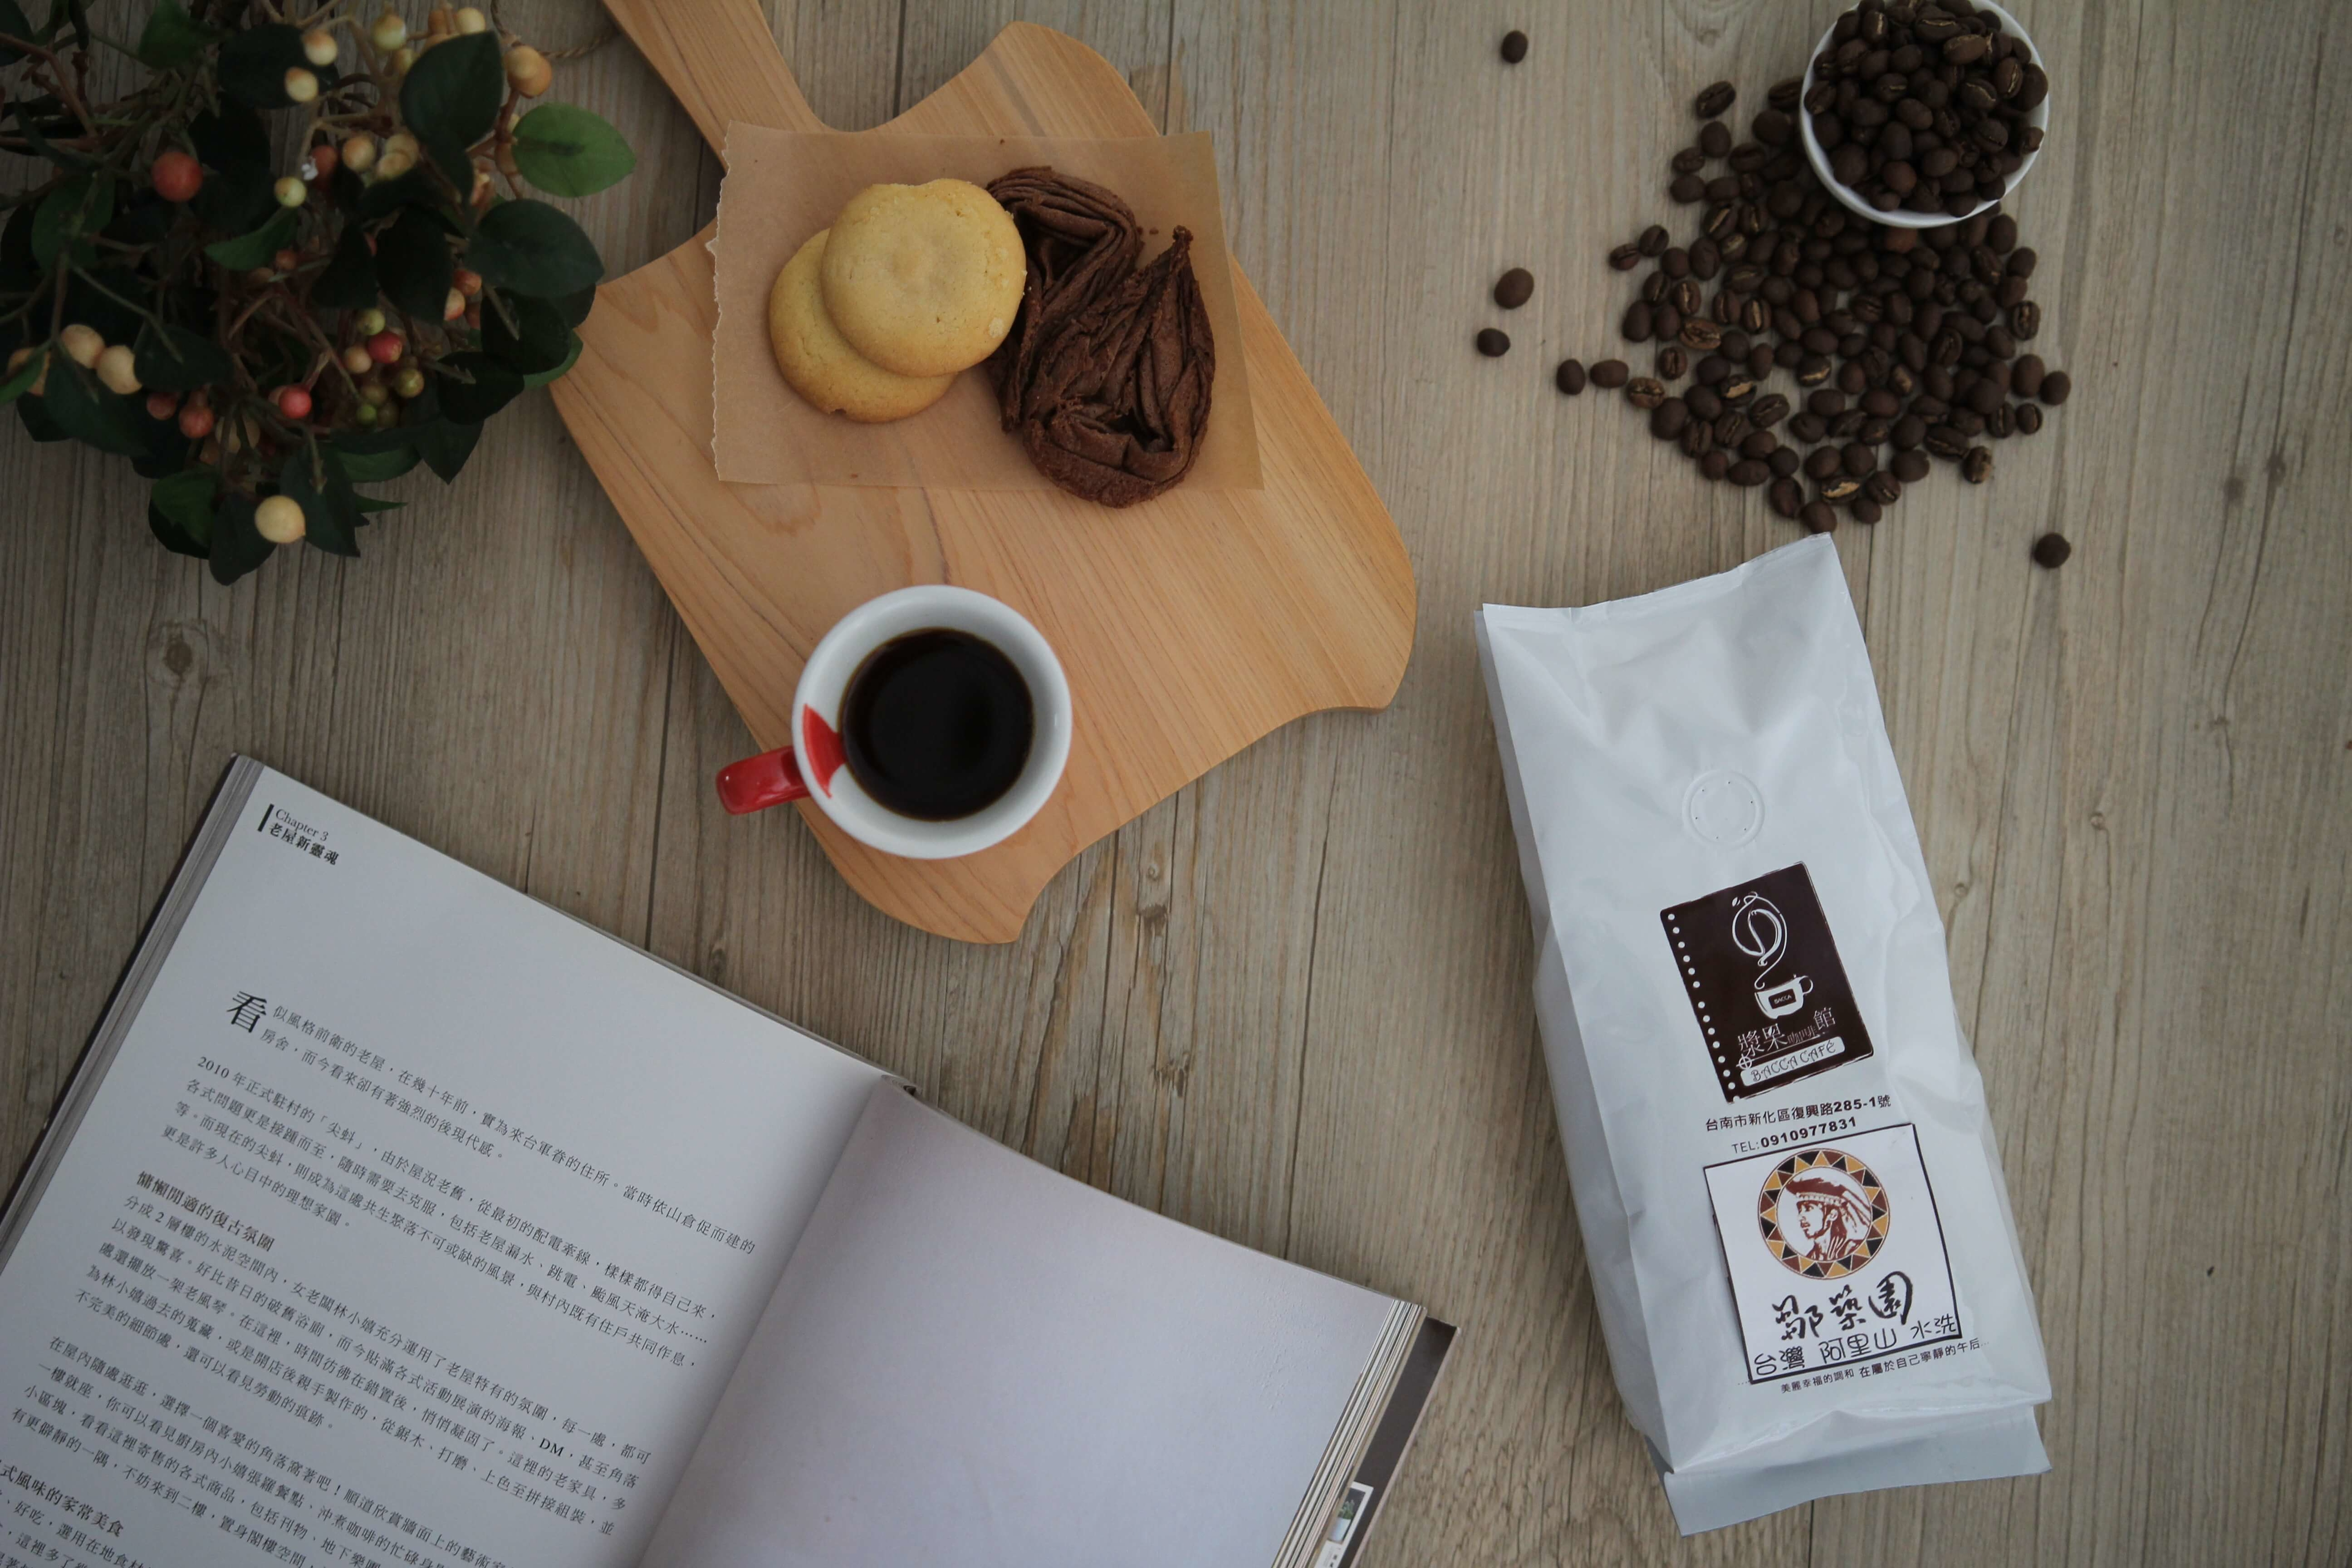 單品咖啡推薦:水洗淺烘焙咖啡豆